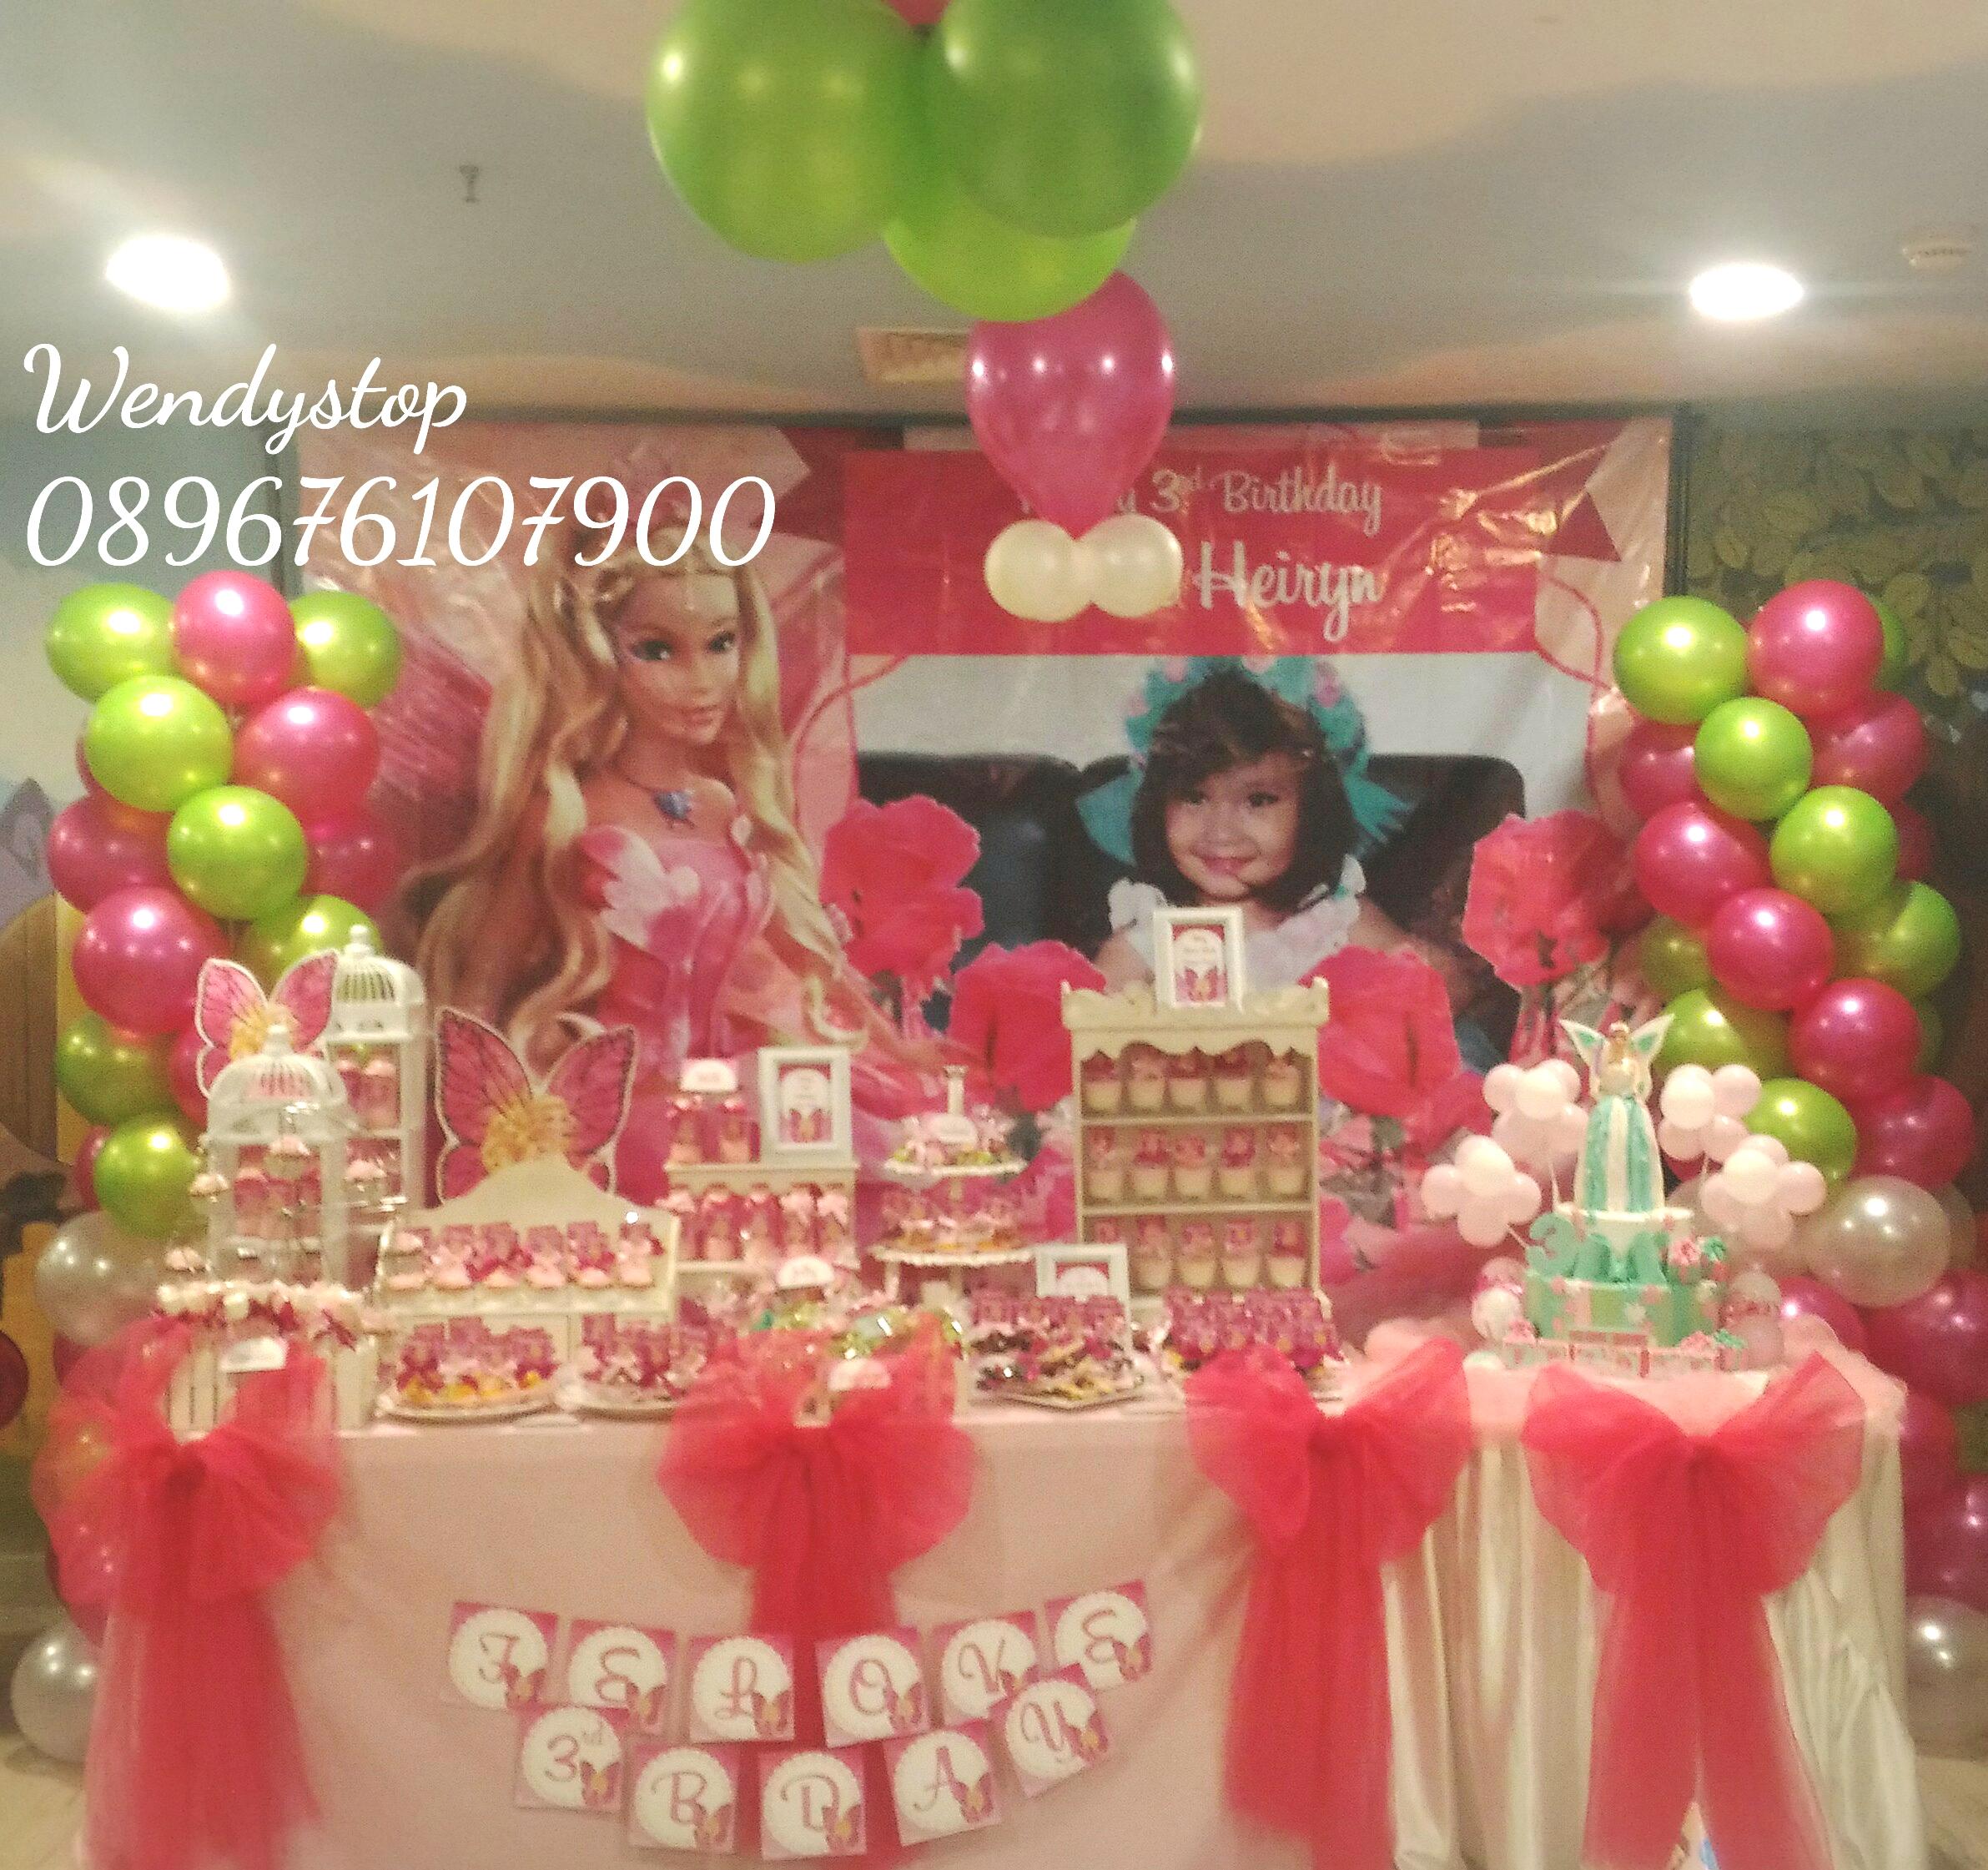 Dessert table sweet corner surabaya kue ultah sidoarjo for Dekor ulang tahun